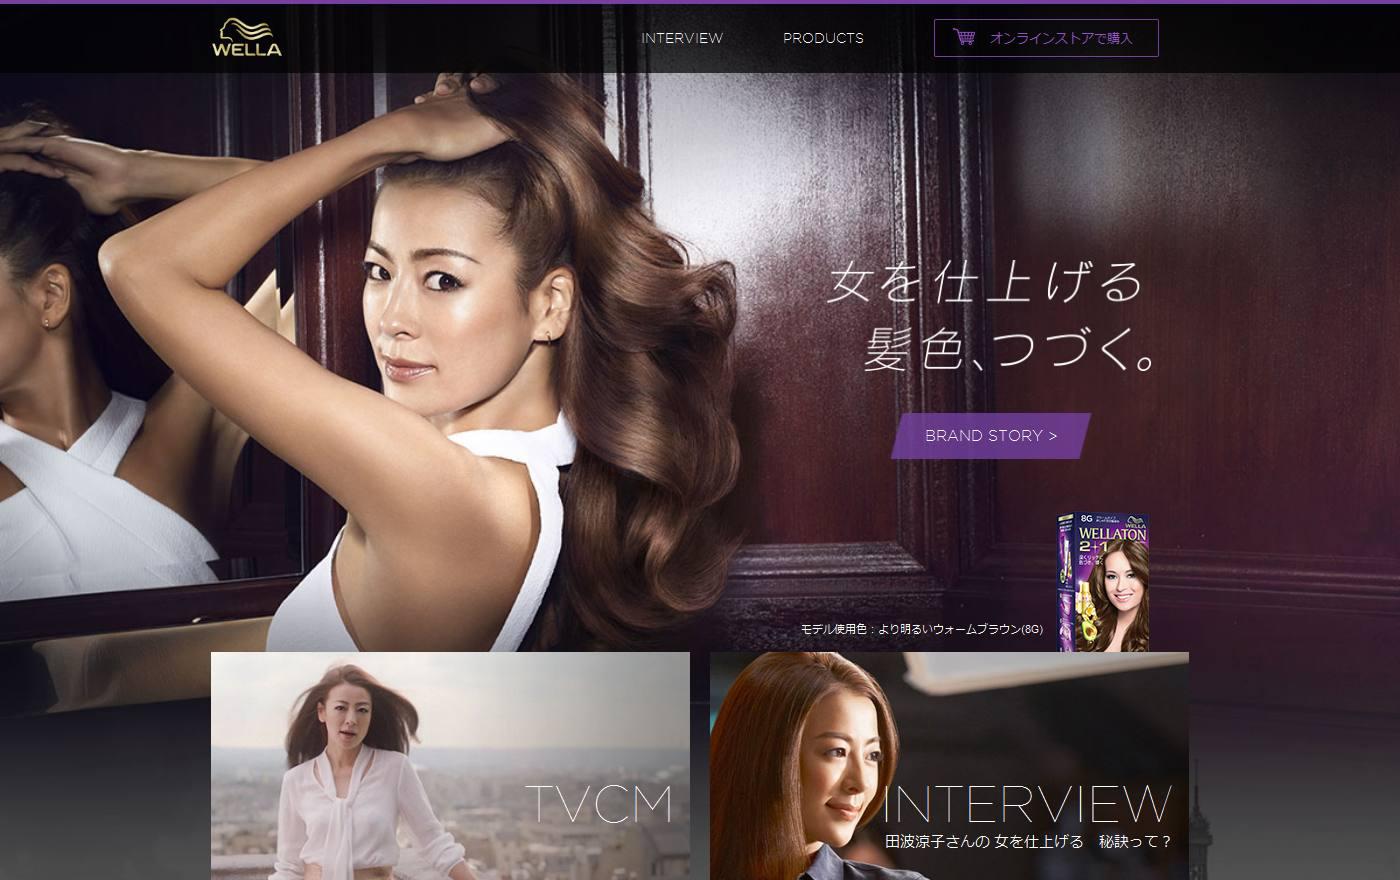 白髪染めのウエラ公式サイト|女を仕上げる髪色、つづく。|WELLA - ウエラ|